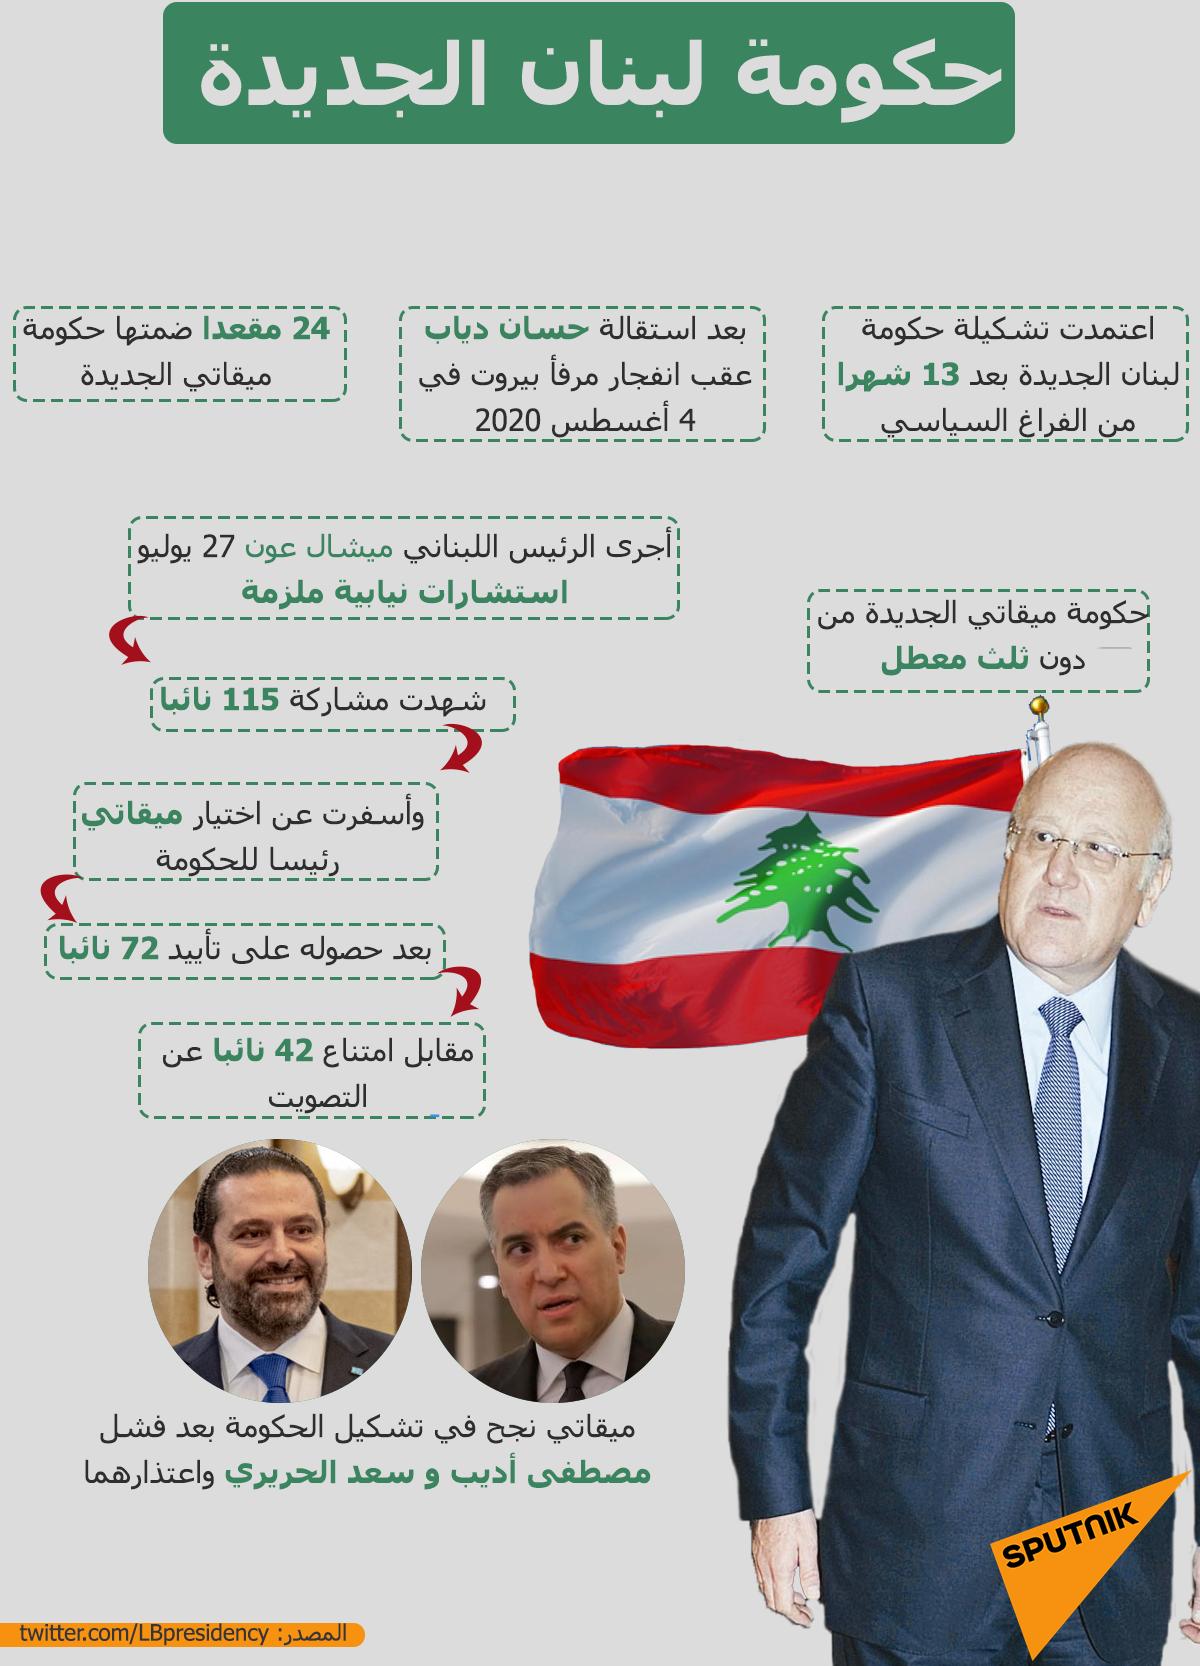 حكومة لبنان الجديدة برئاسة نجيب ميقاتي